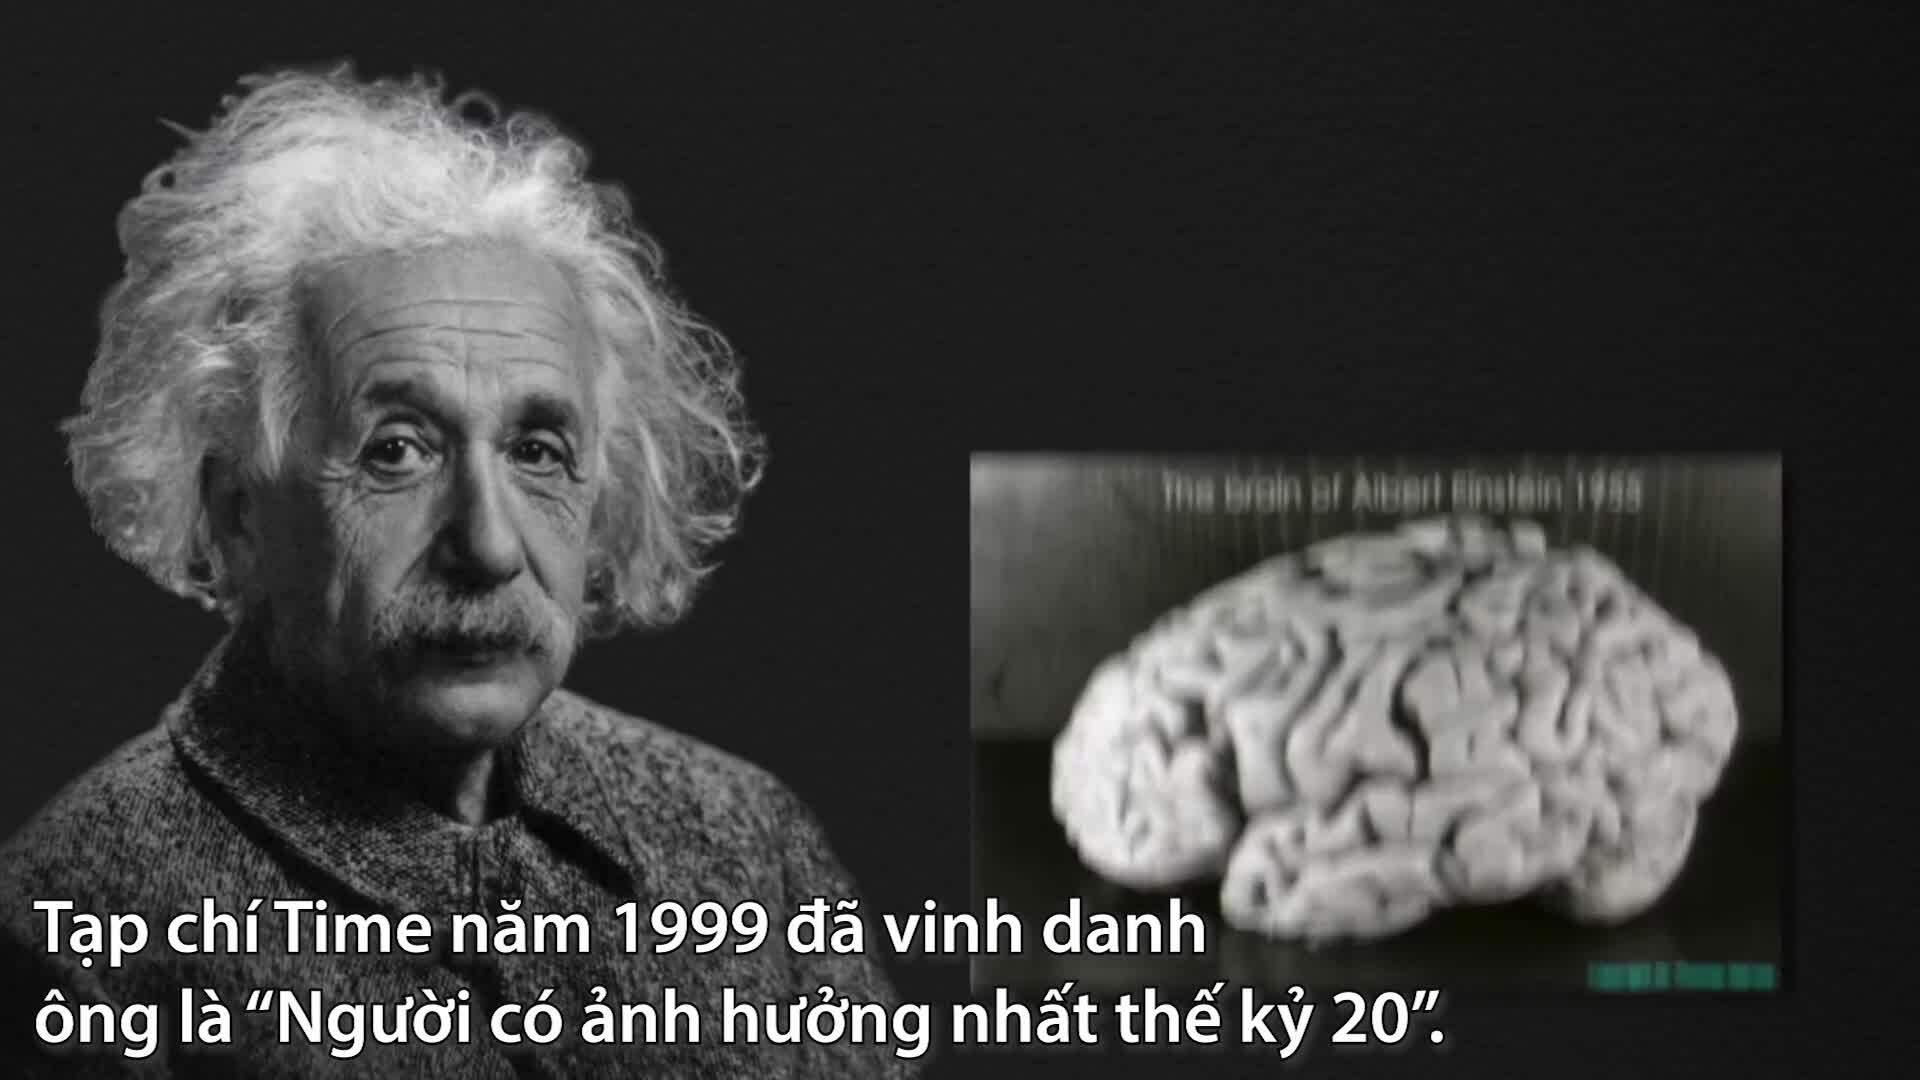 Einstein nổi tiếng nhờ 4 bài báo khoa học